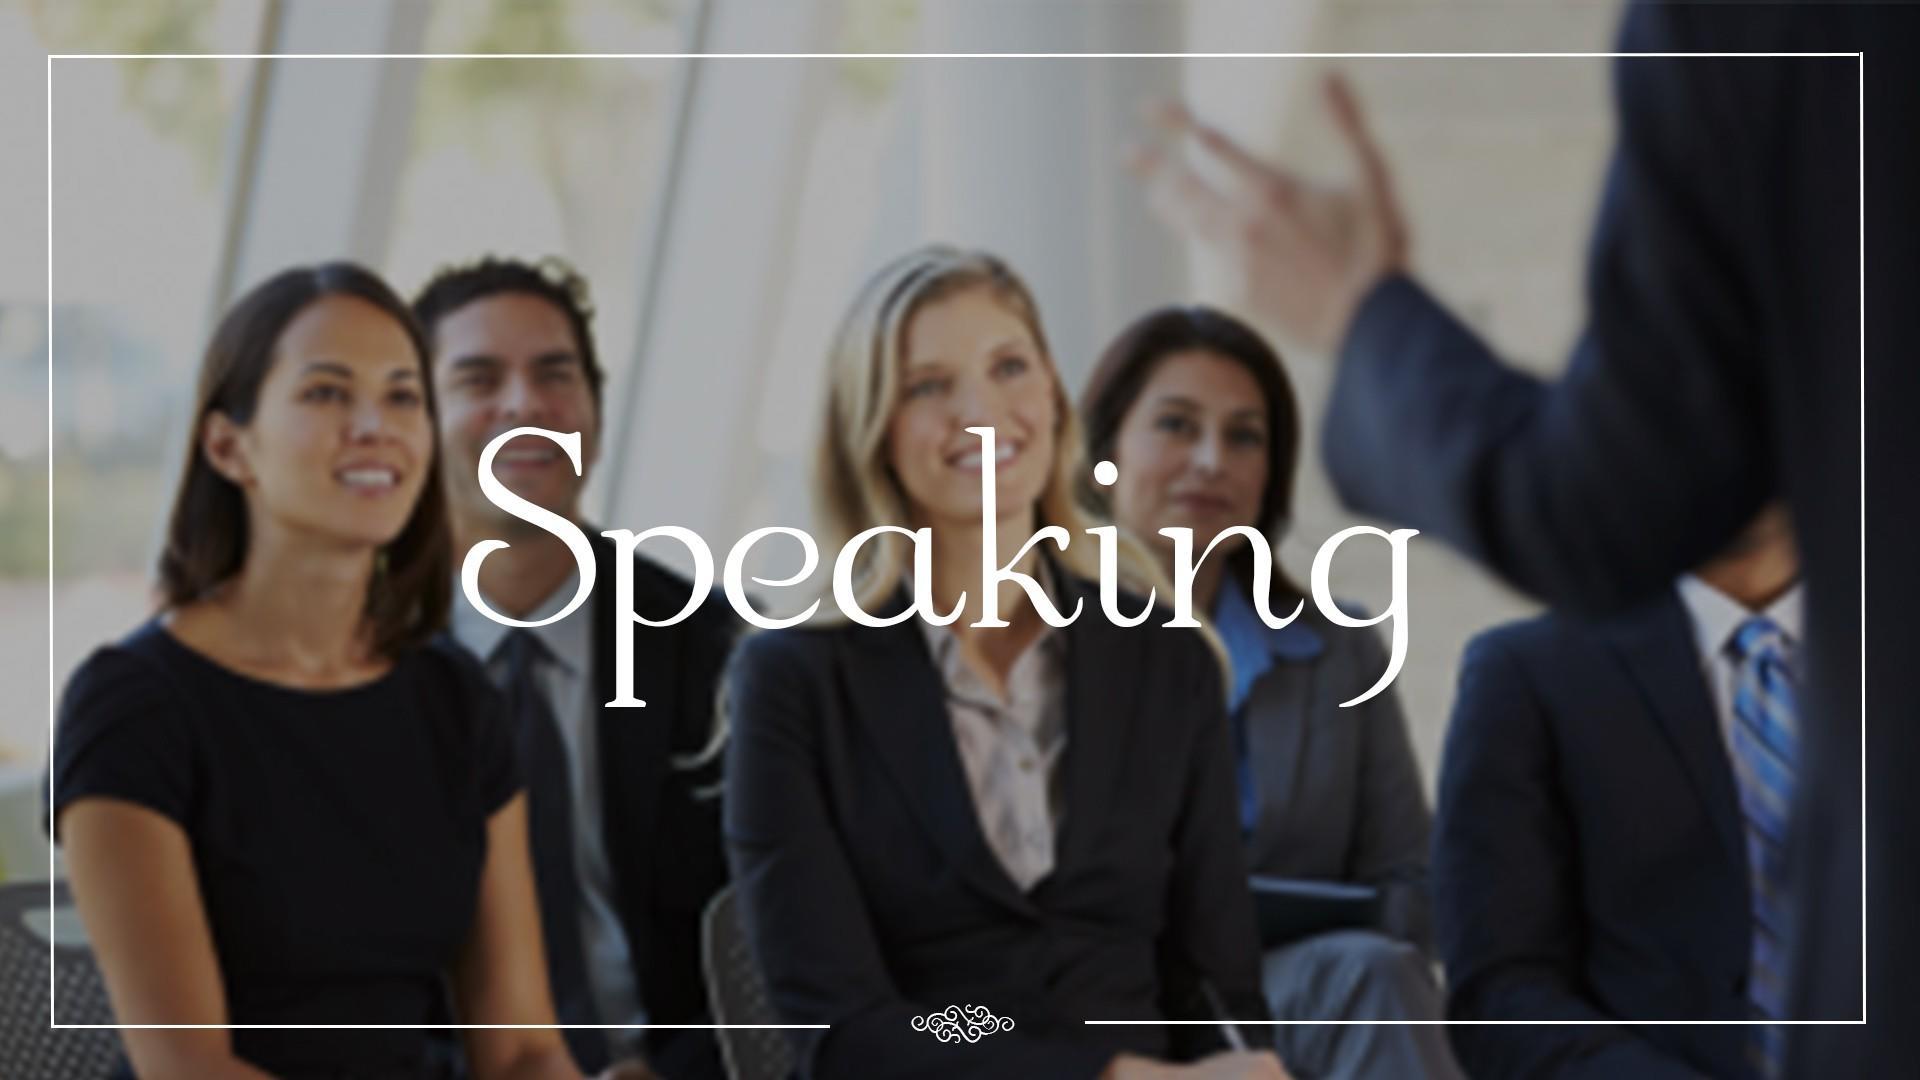 Best Menopause Speaker